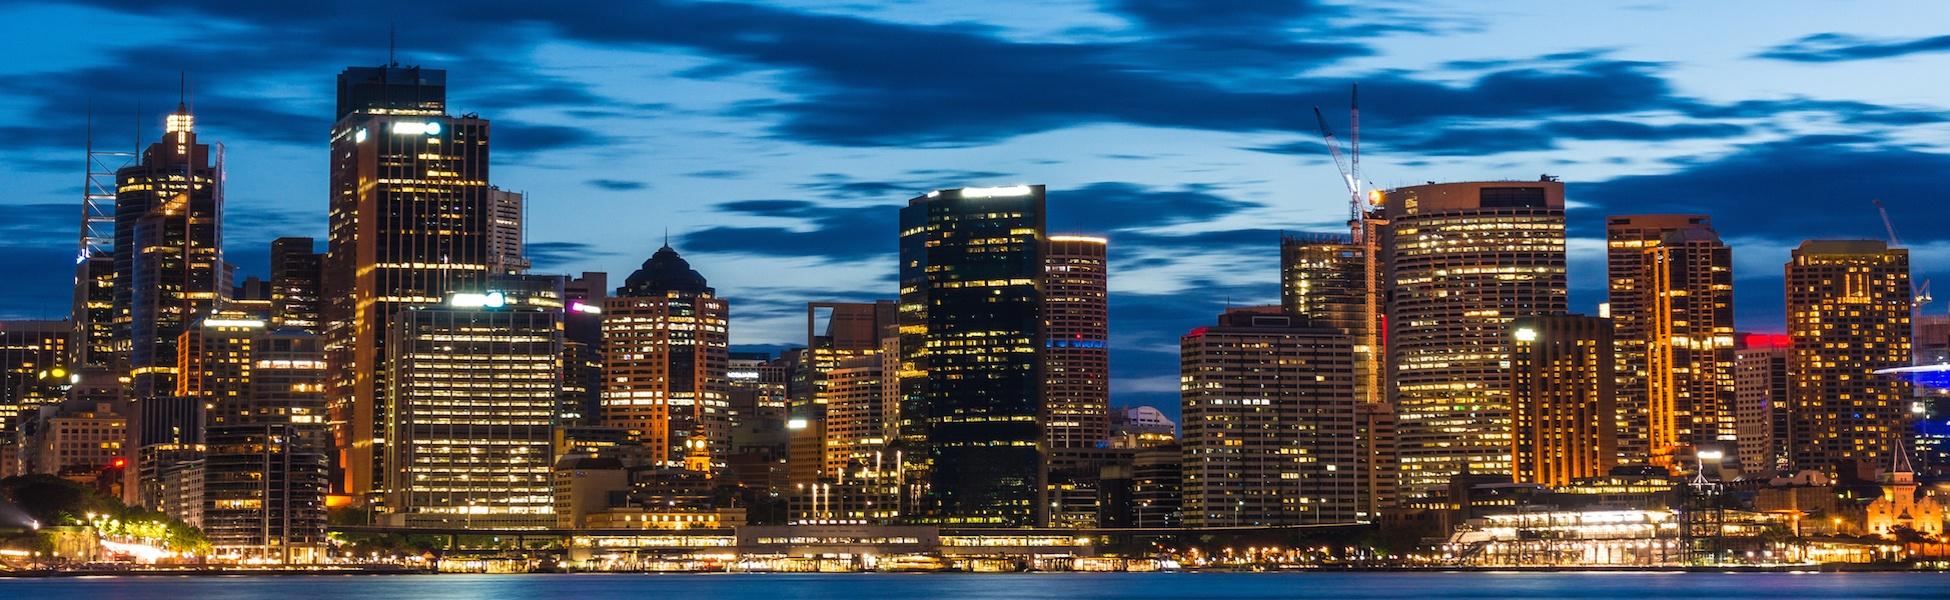 sydney-accommodation-banner.jpg